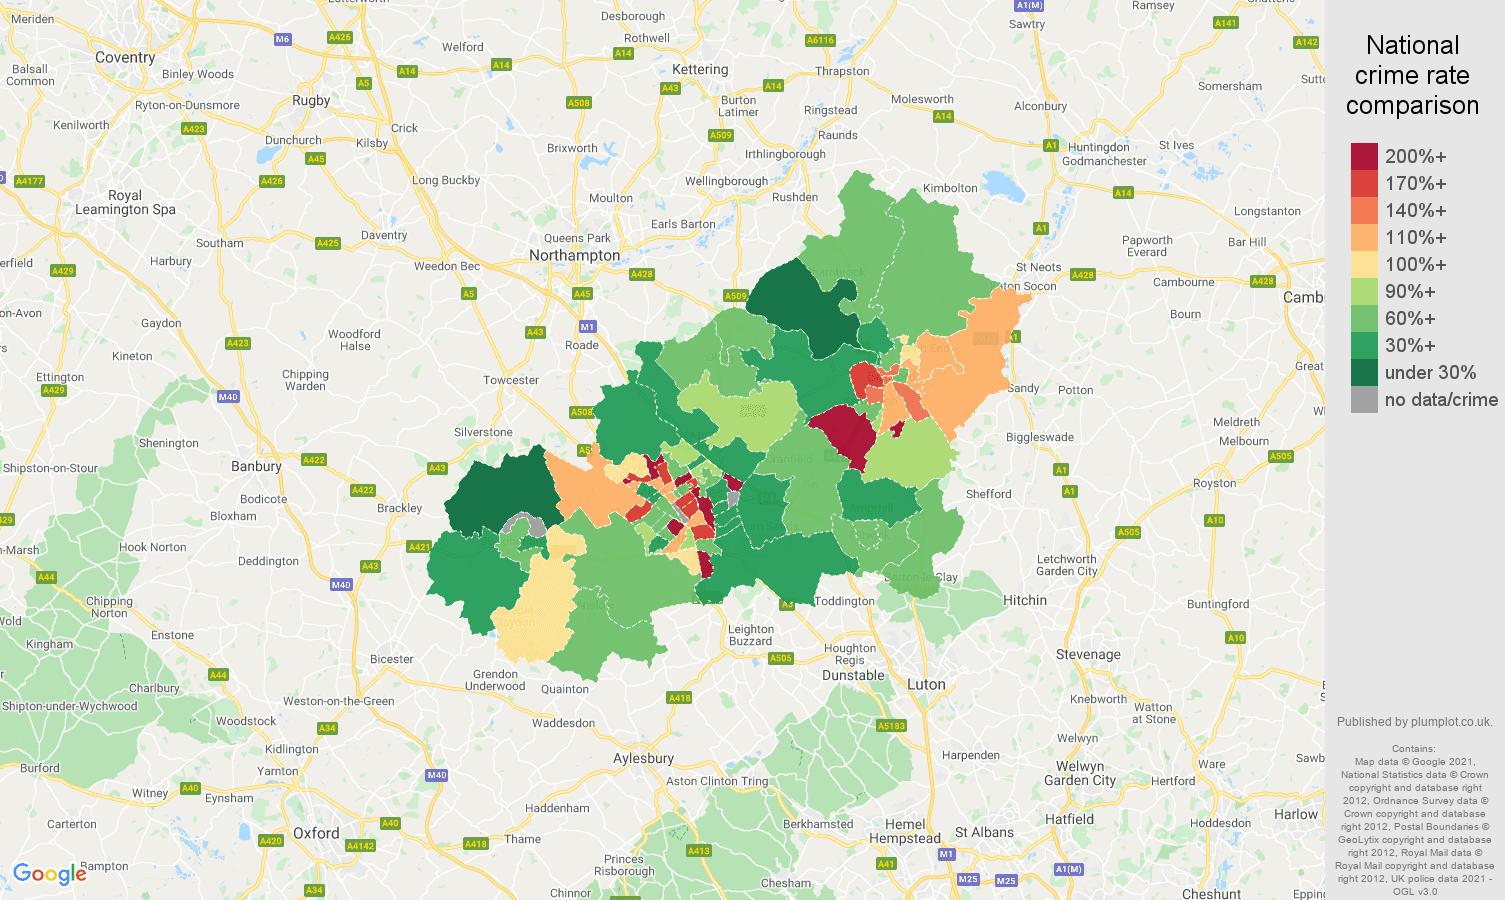 Milton Keynes criminal damage and arson crime rate comparison map